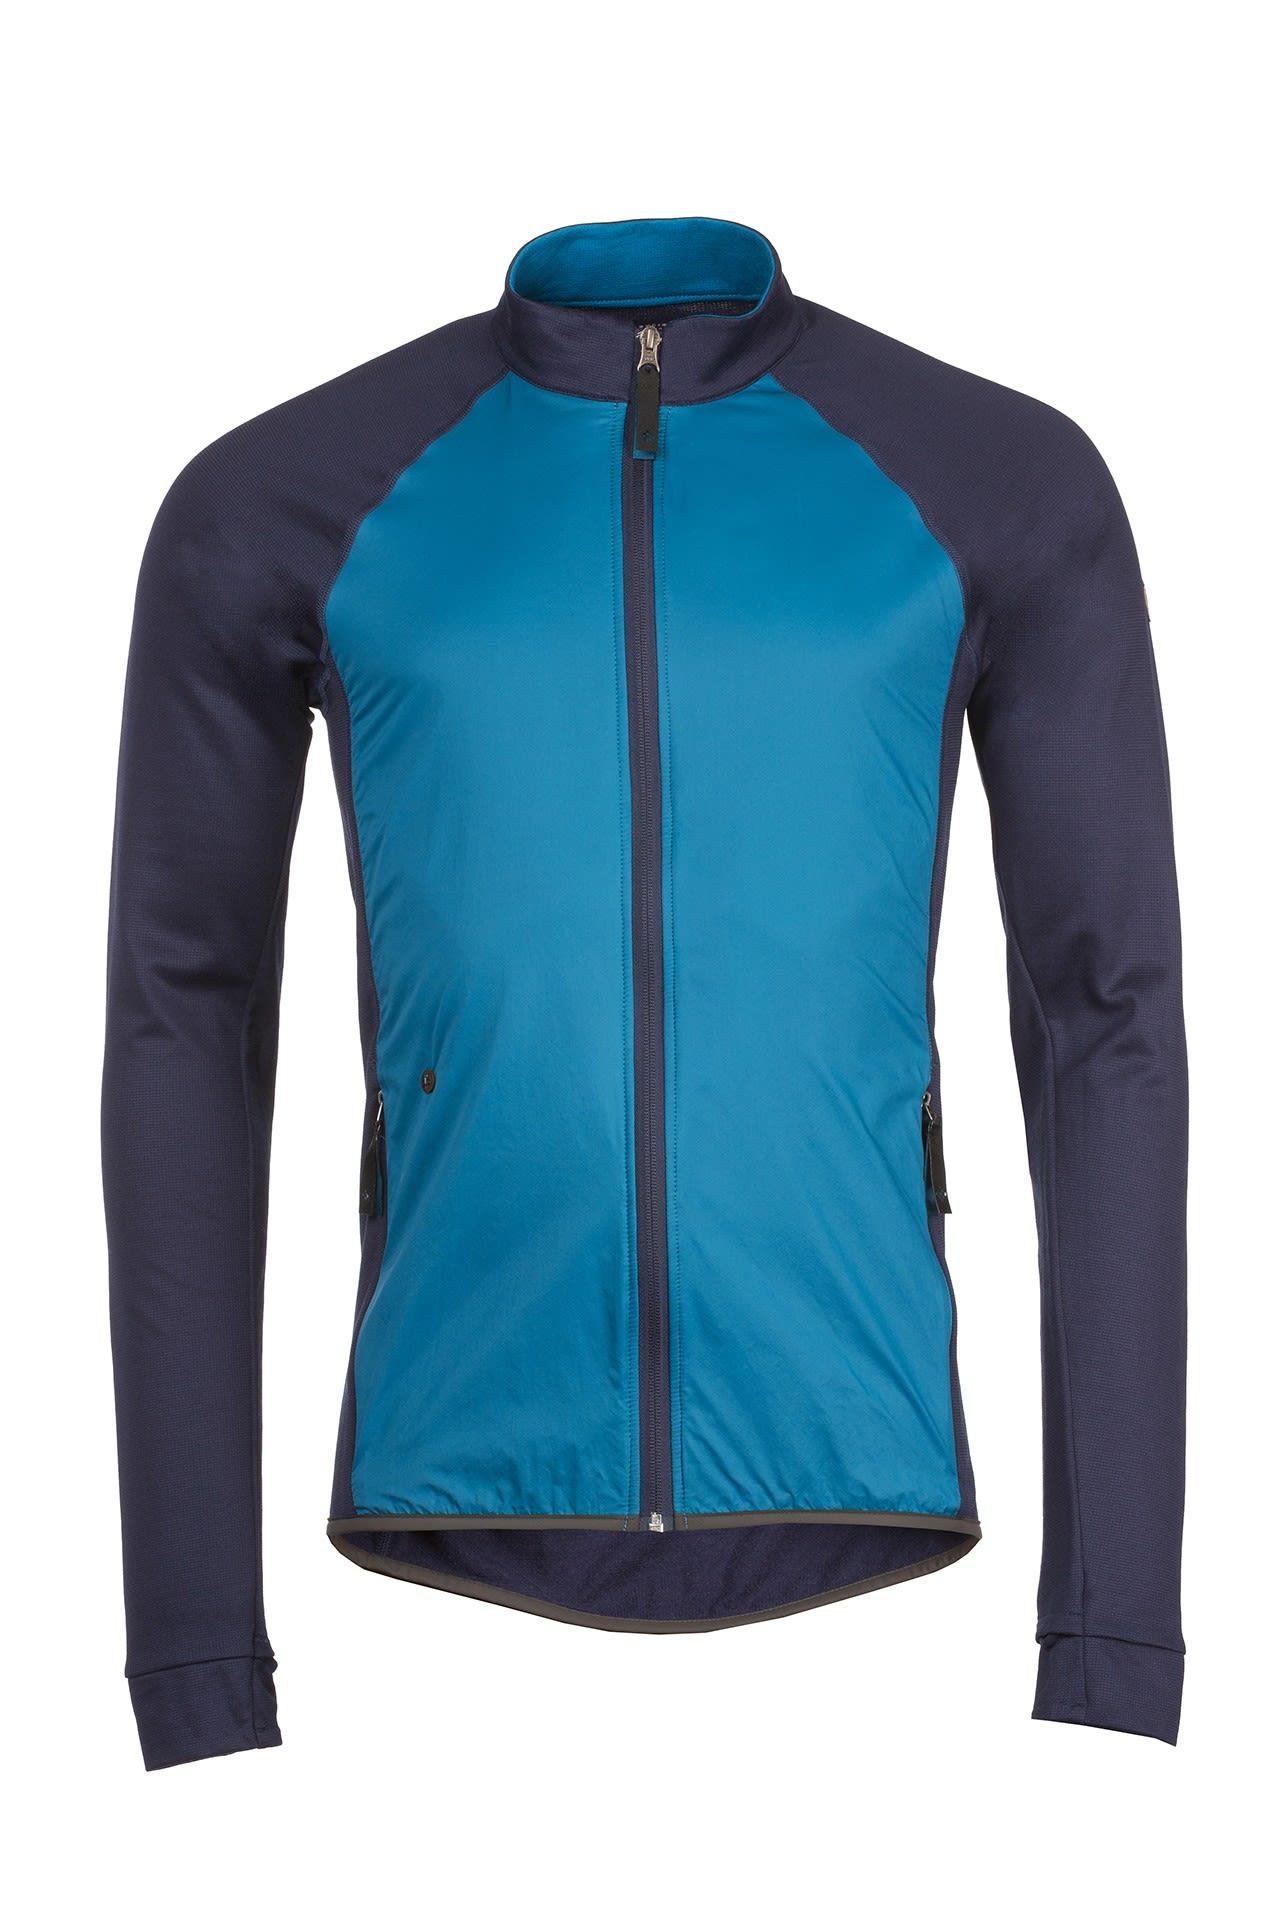 Triple2 M Hanning Merino Windbreaker Jacket   Größe L,XL   Herren